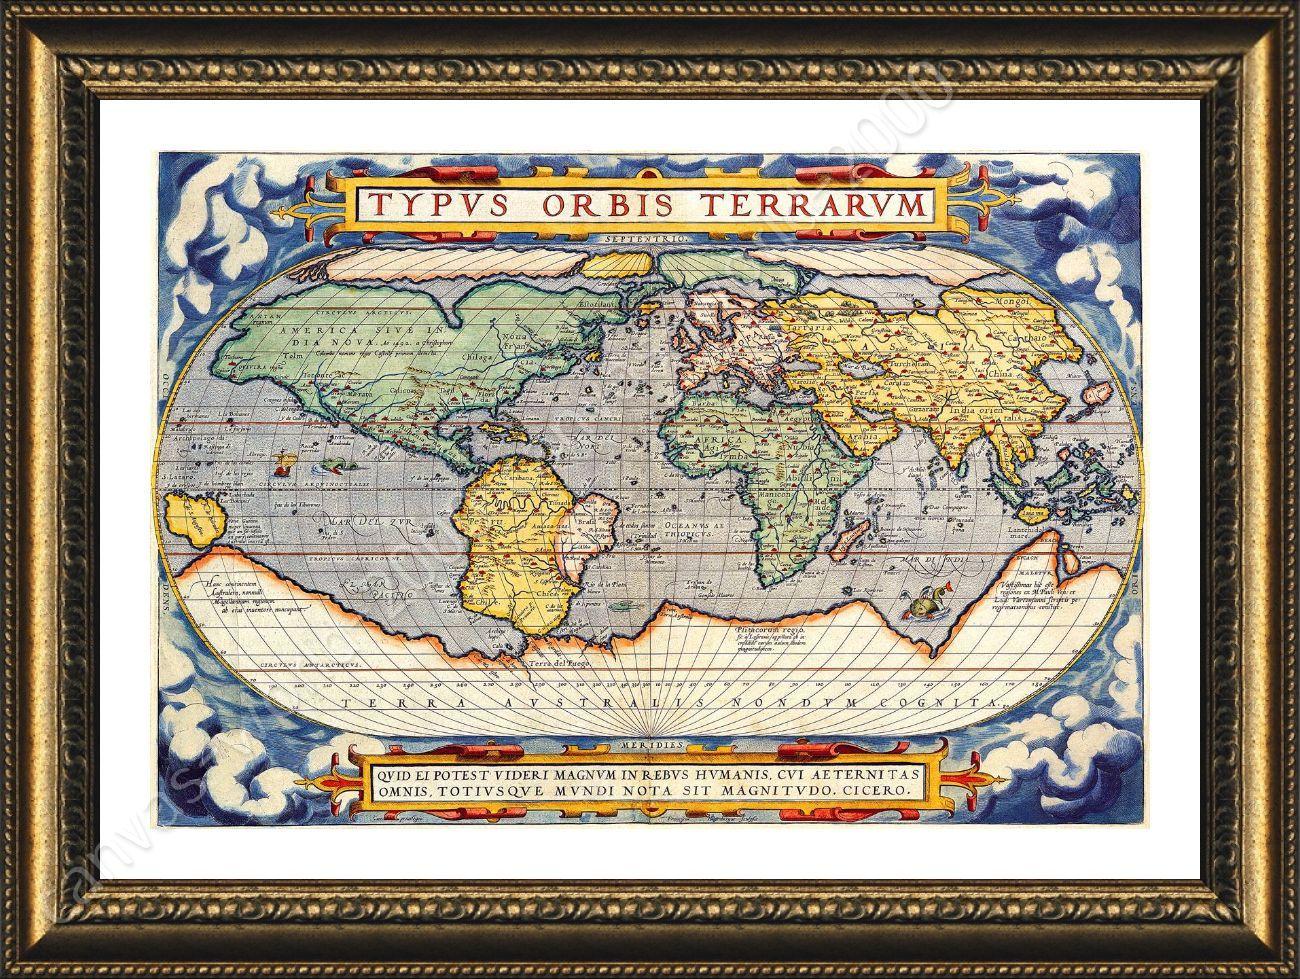 Pster enmarcado mapa antiguo mundo antiguo vintage v3 arte framed poster antique old vintage v3 world map framed art framed wall decor gumiabroncs Images